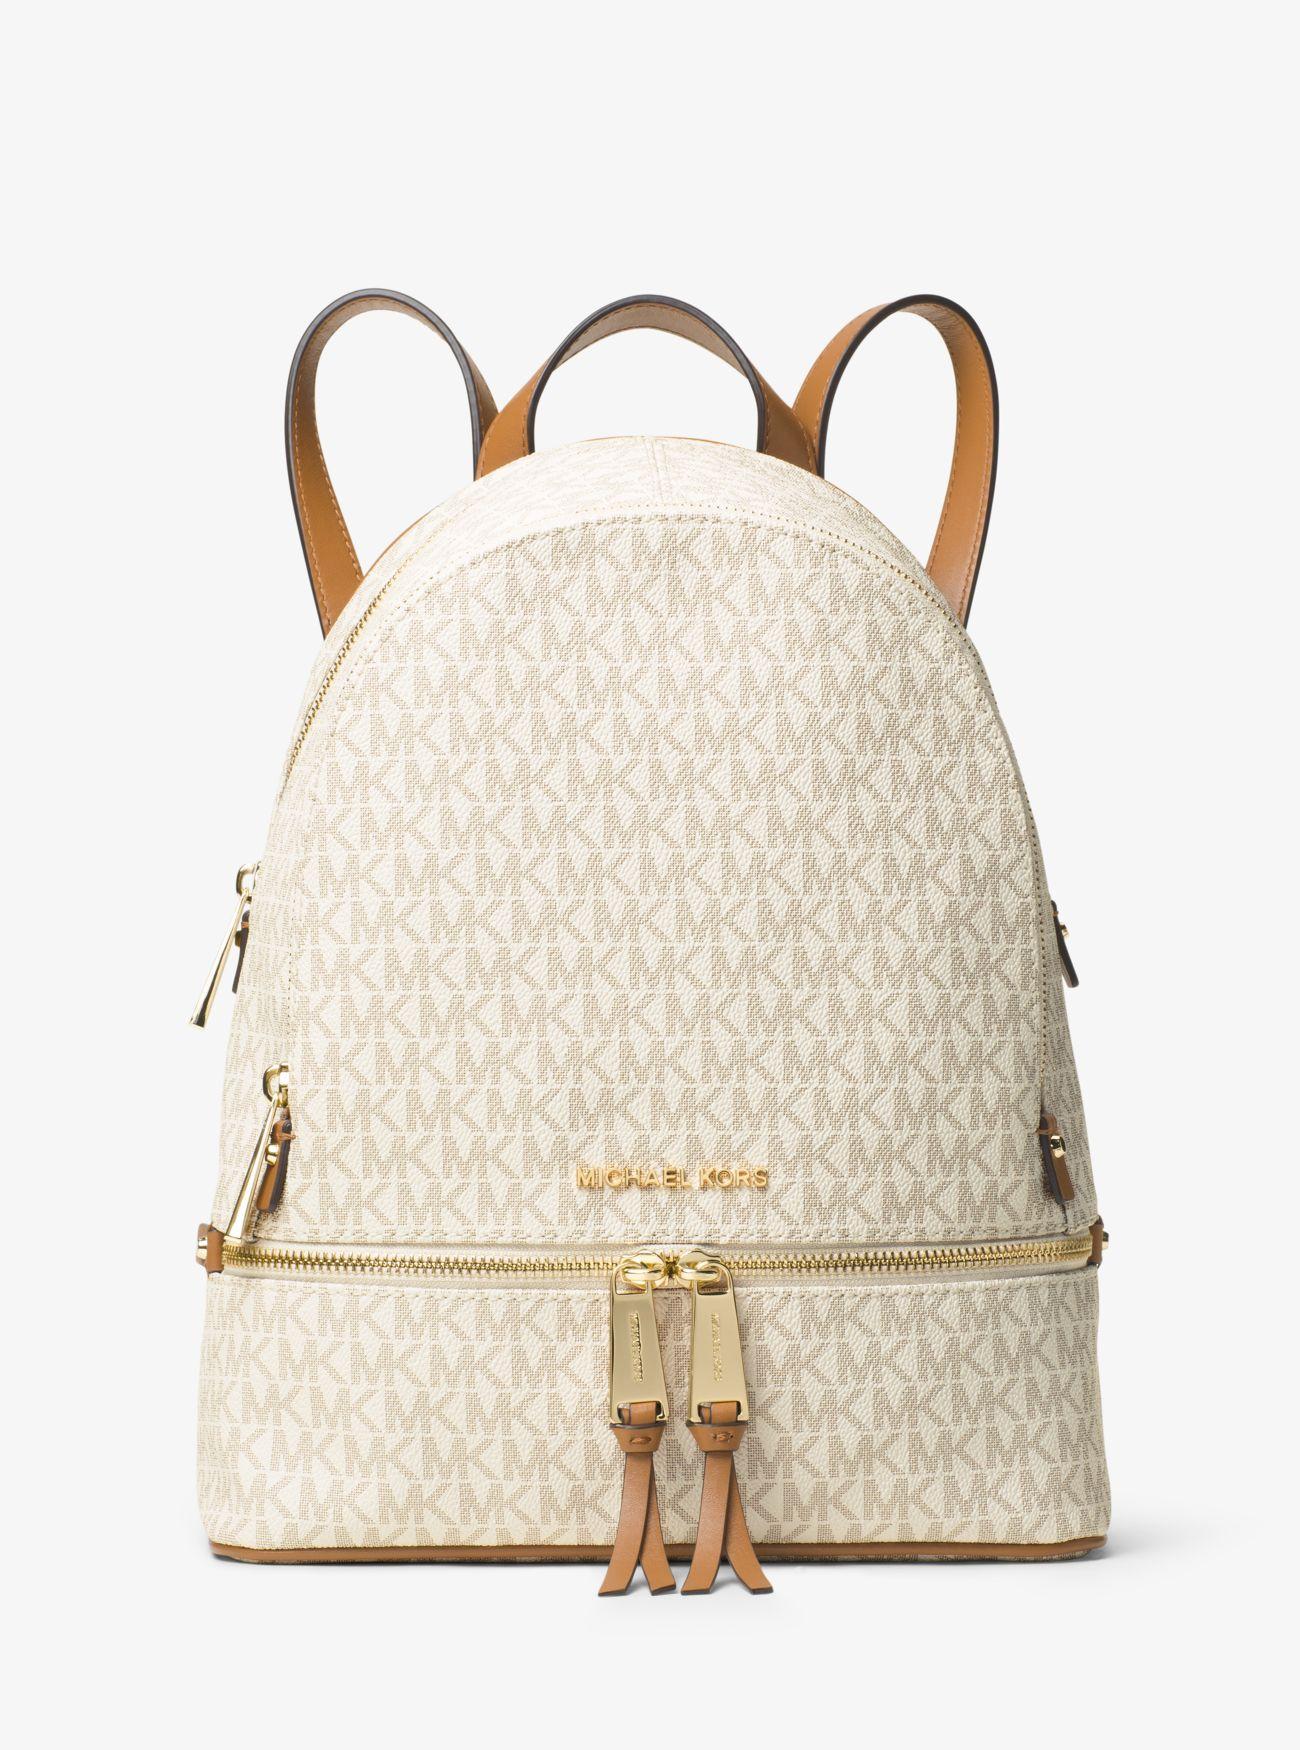 8693d2c88b Michael Kors Rhea Medium Logo Backpack in Natural - Save 36% - Lyst